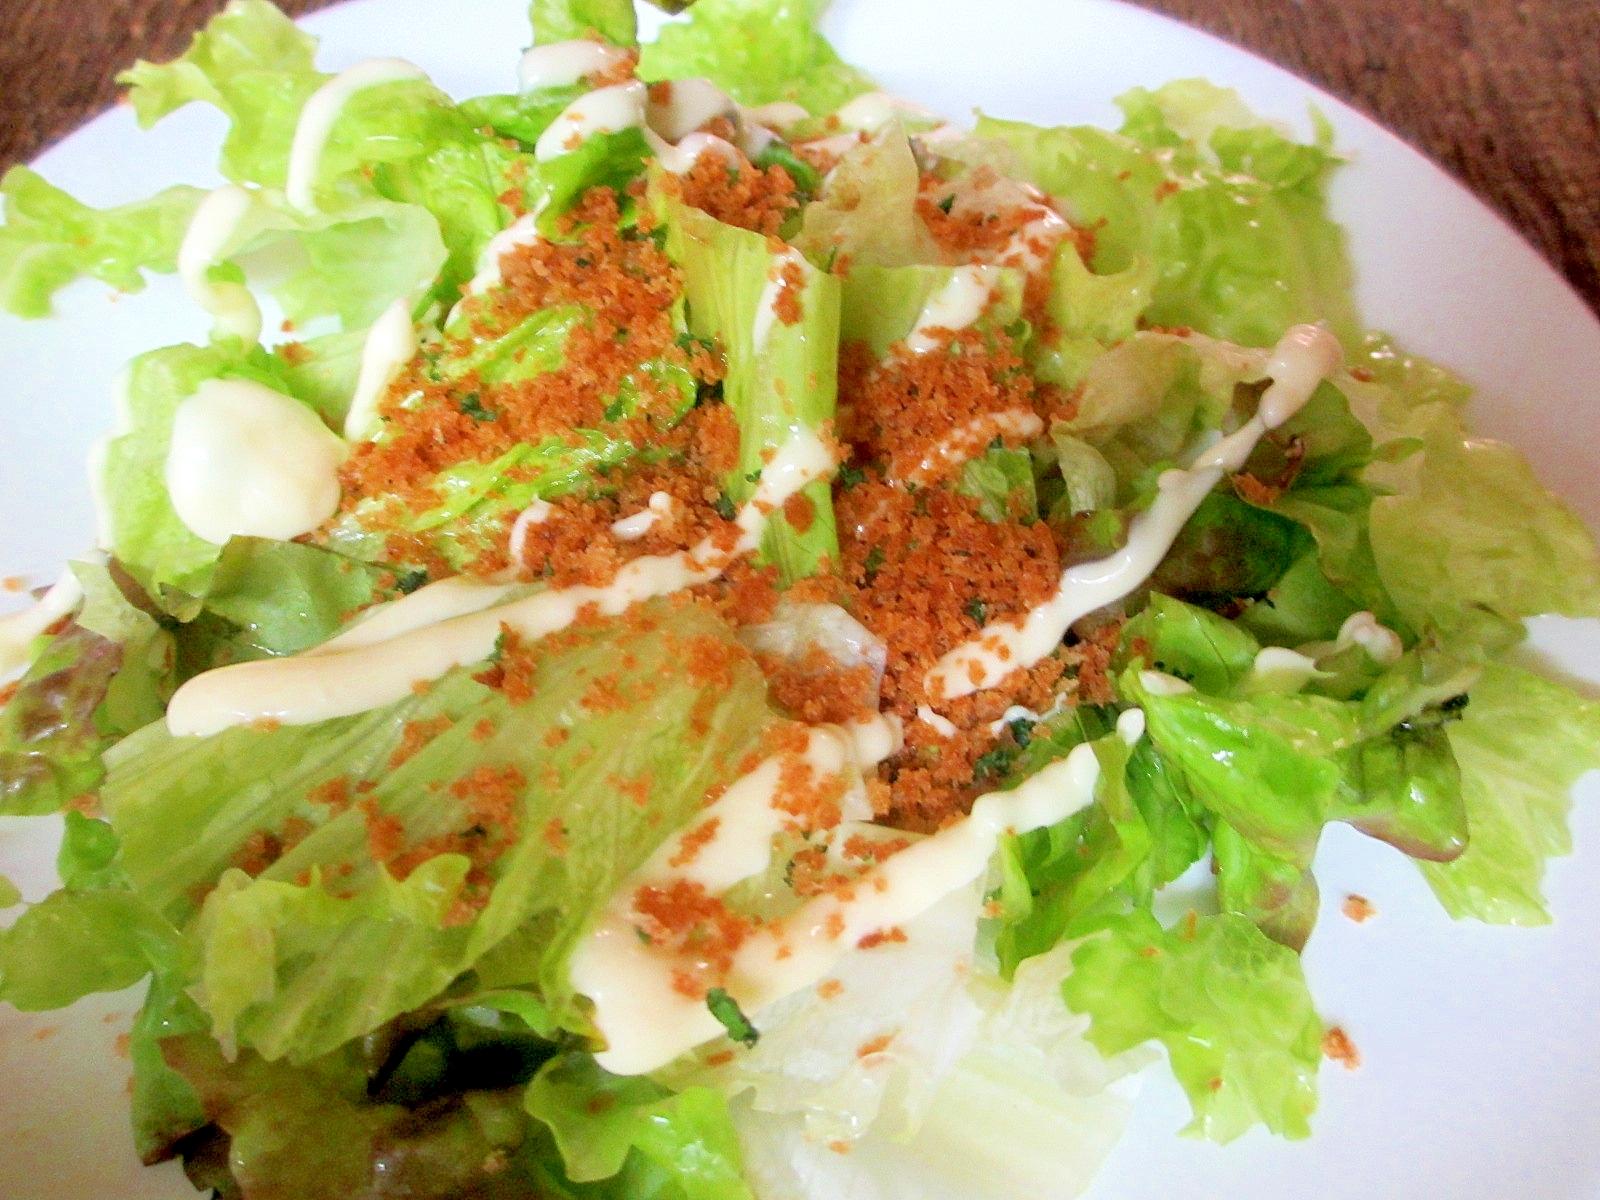 レタスのガーリックパン粉サラダ